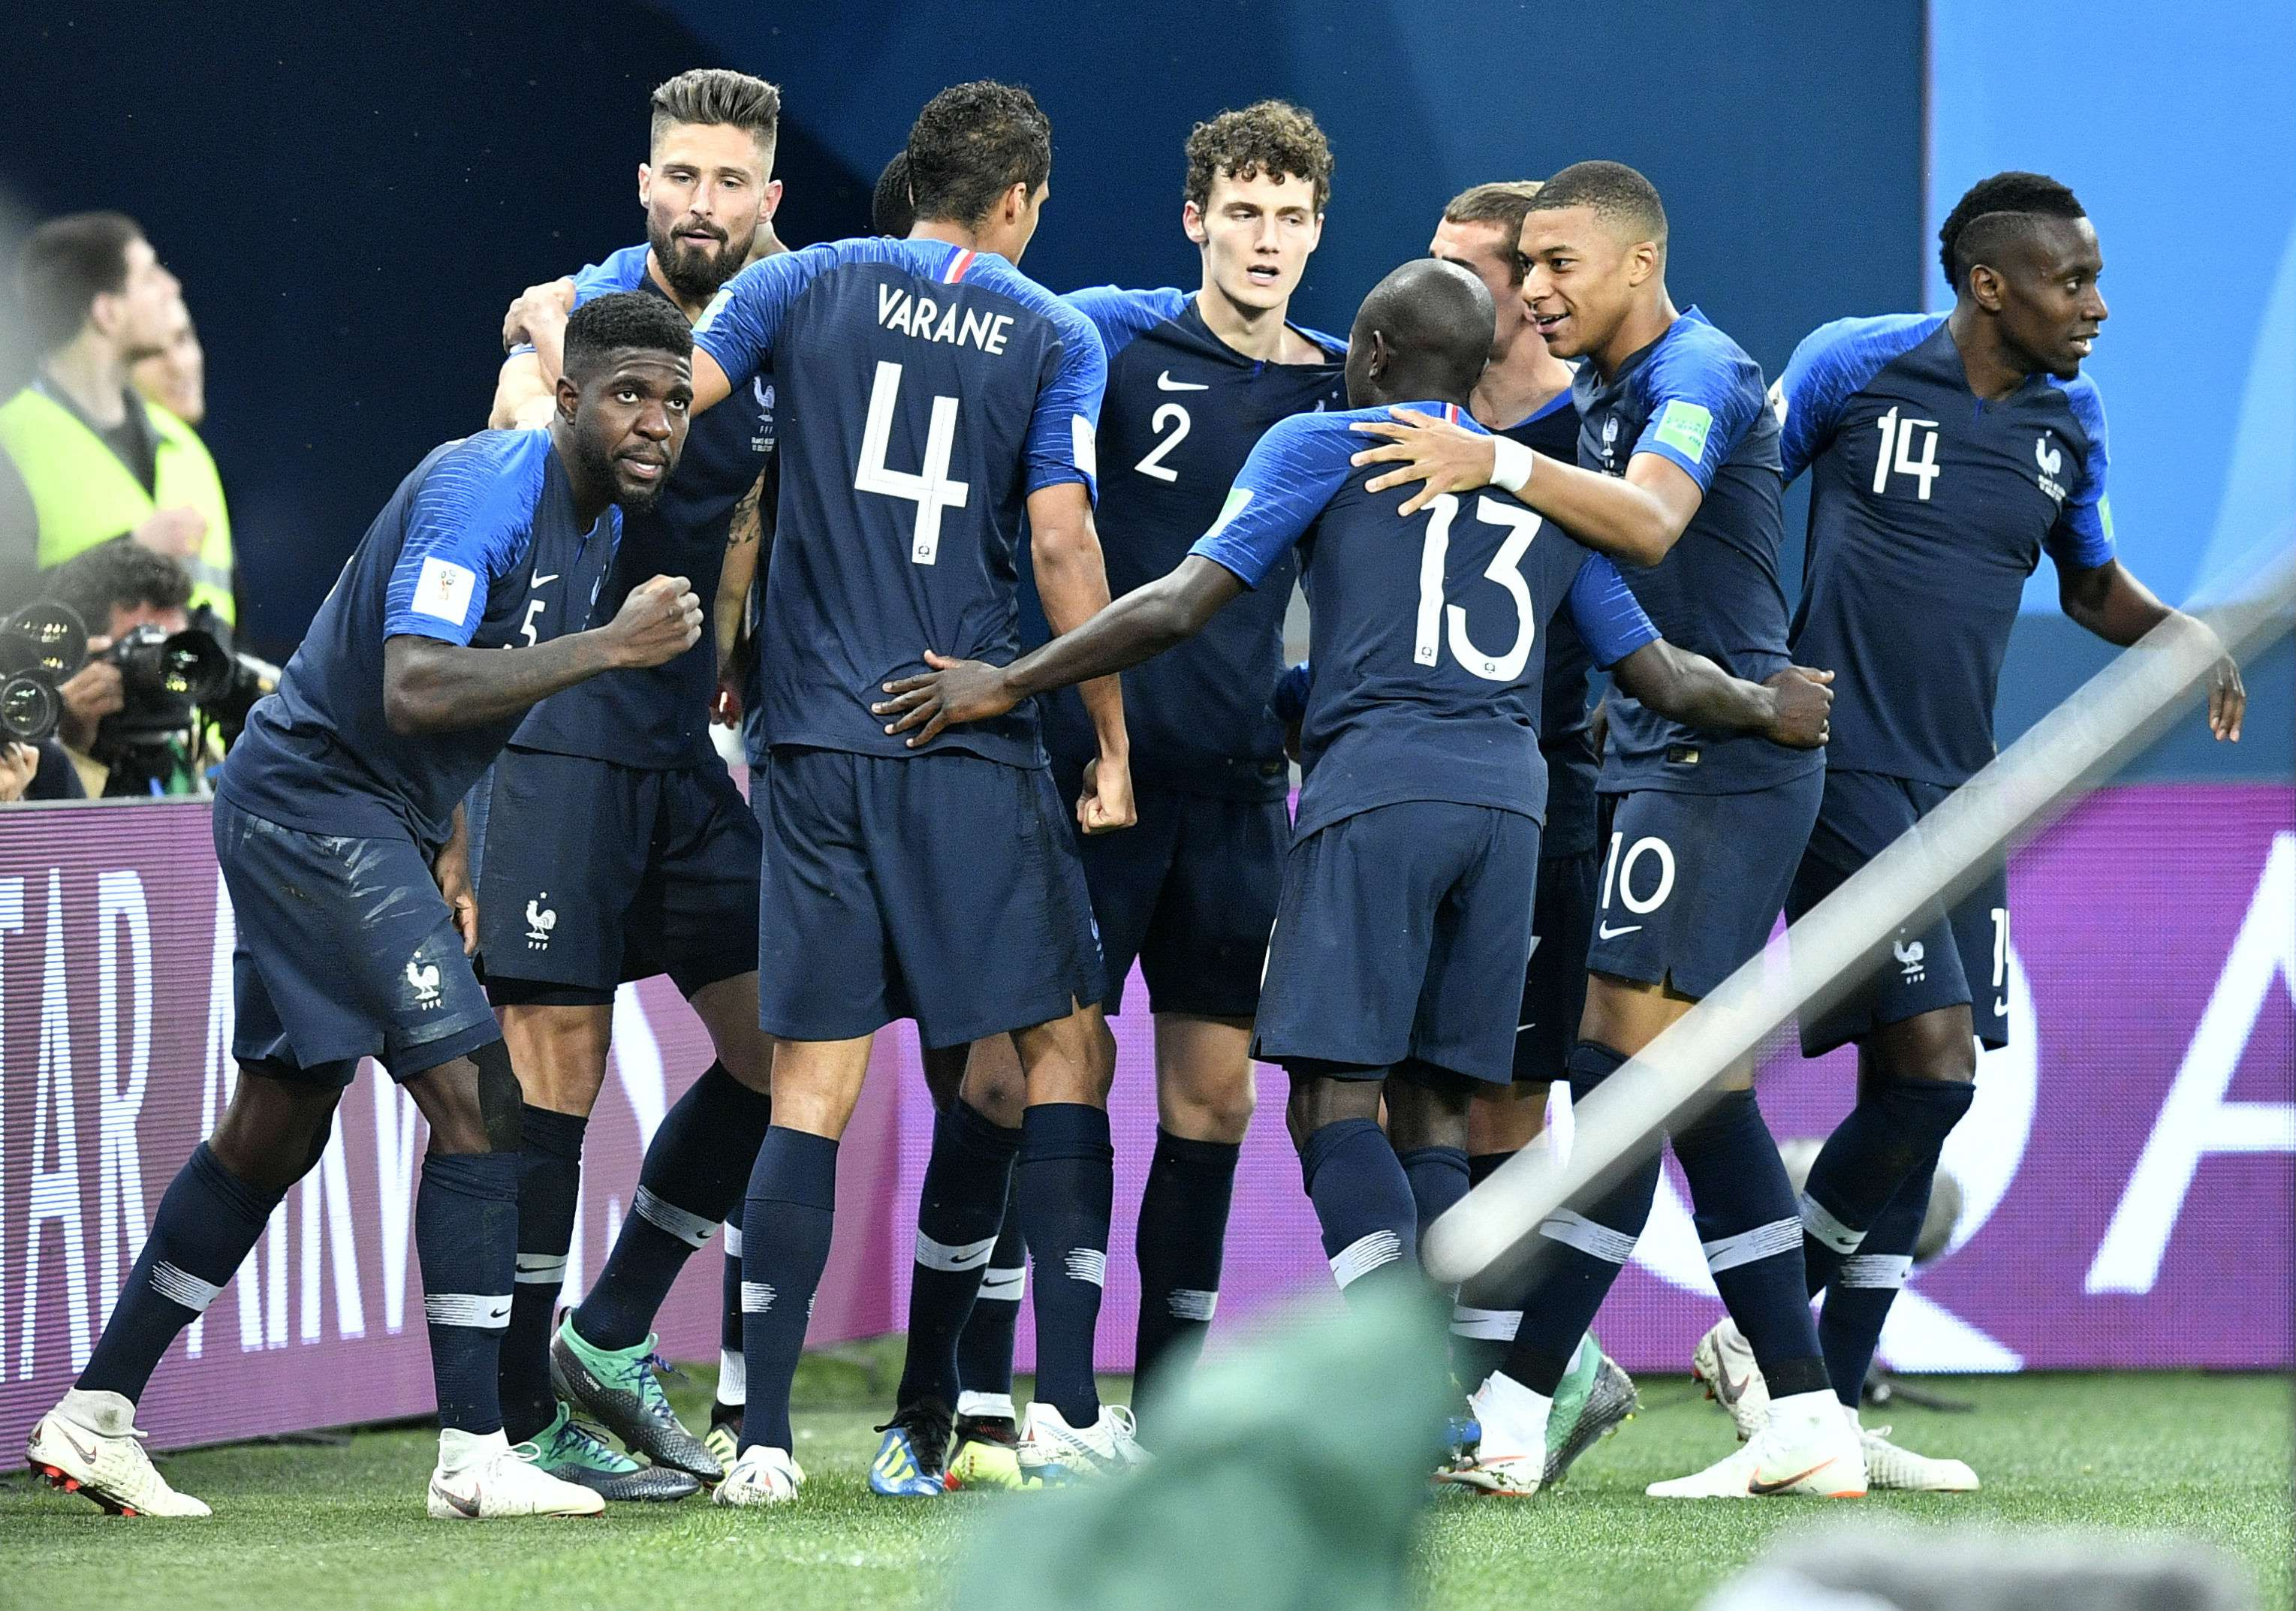 La selección de Francia jugará la final del Mundial de Rusia. Foto:EFE